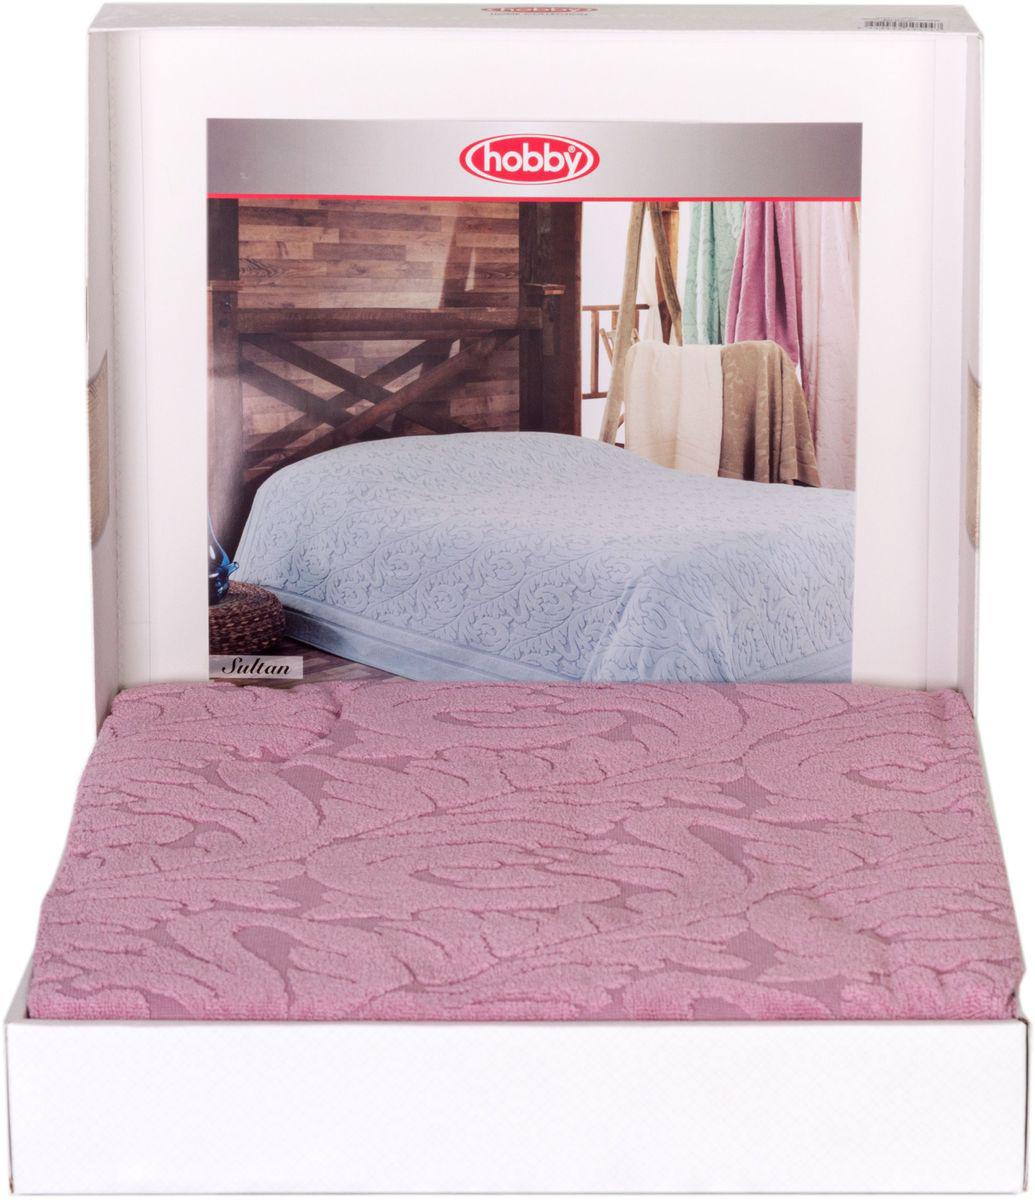 Покрывало Hobby Home Collection Sultan, цвет: розовый, 160 х 200 см68/5/4Шикарное покрывало Hobby Home Collection Sultan изготовлено из 100% хлопка высшей категории. Оно обладает замечательными дышащими свойствами и будет хорошо смотреться как на диване, так и на большой кровати. Данное покрывало можно также использовать в качестве одеяла.